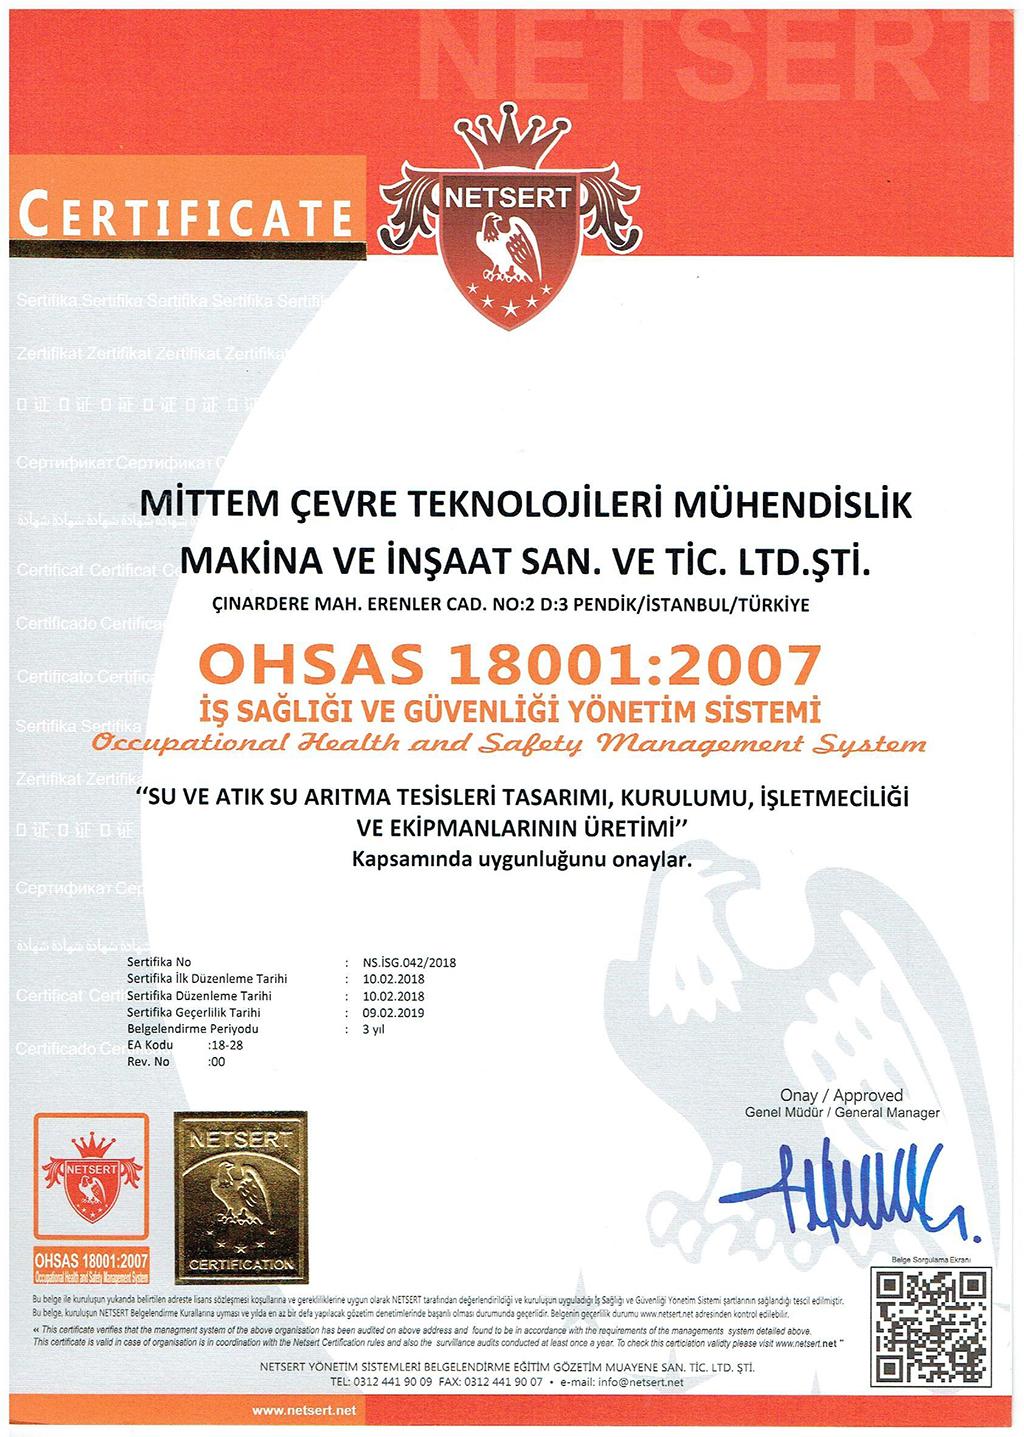 1.OHSAS 18001